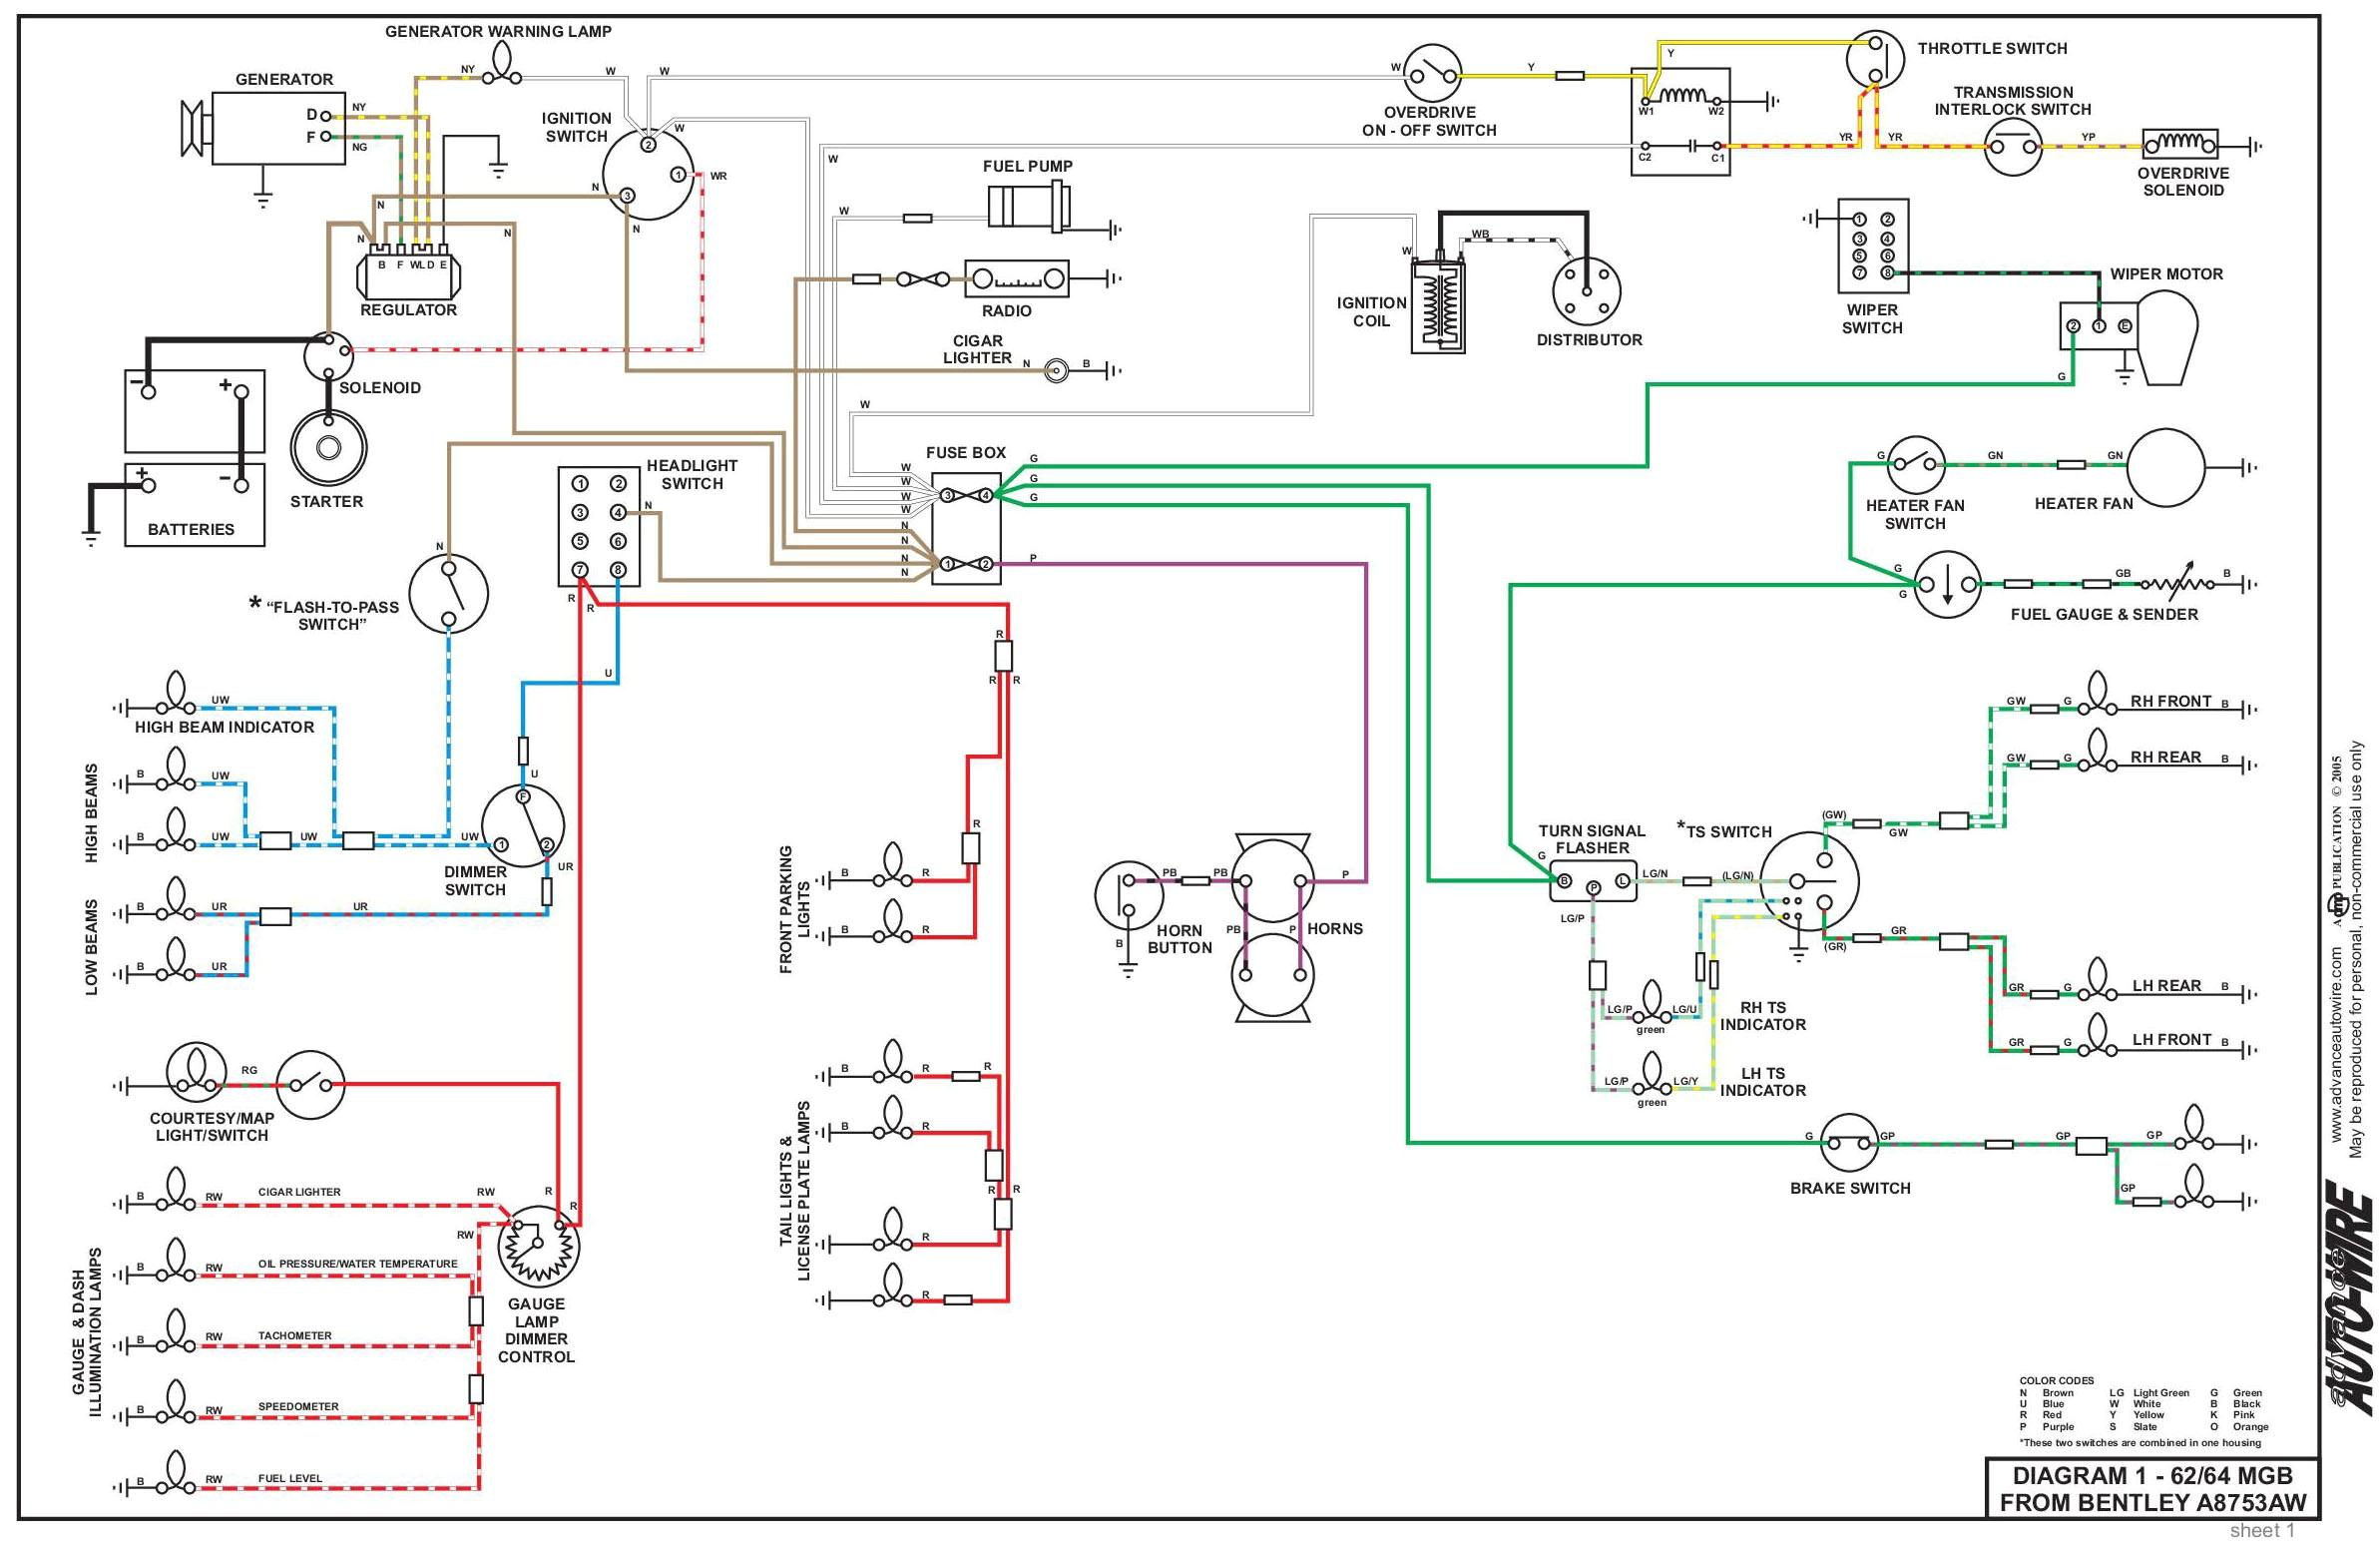 mgb distributor wiring blog wiring diagram mgb distributor wiring